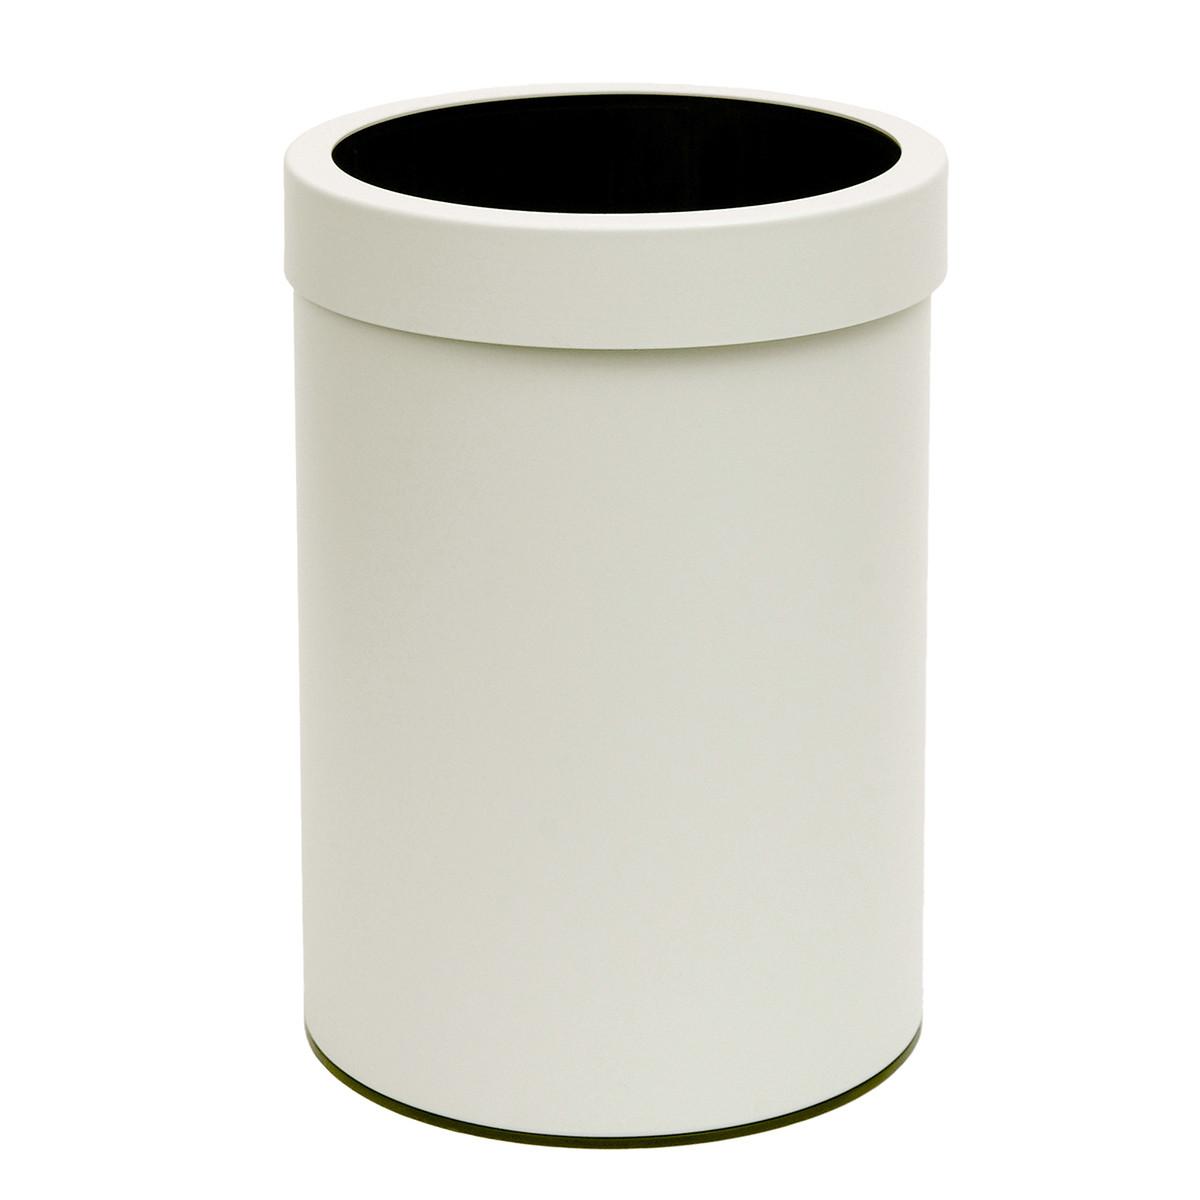 Καλάθι Απορριμμάτων (25×33) PamCo 12Lit 12-2533-033 White Matt